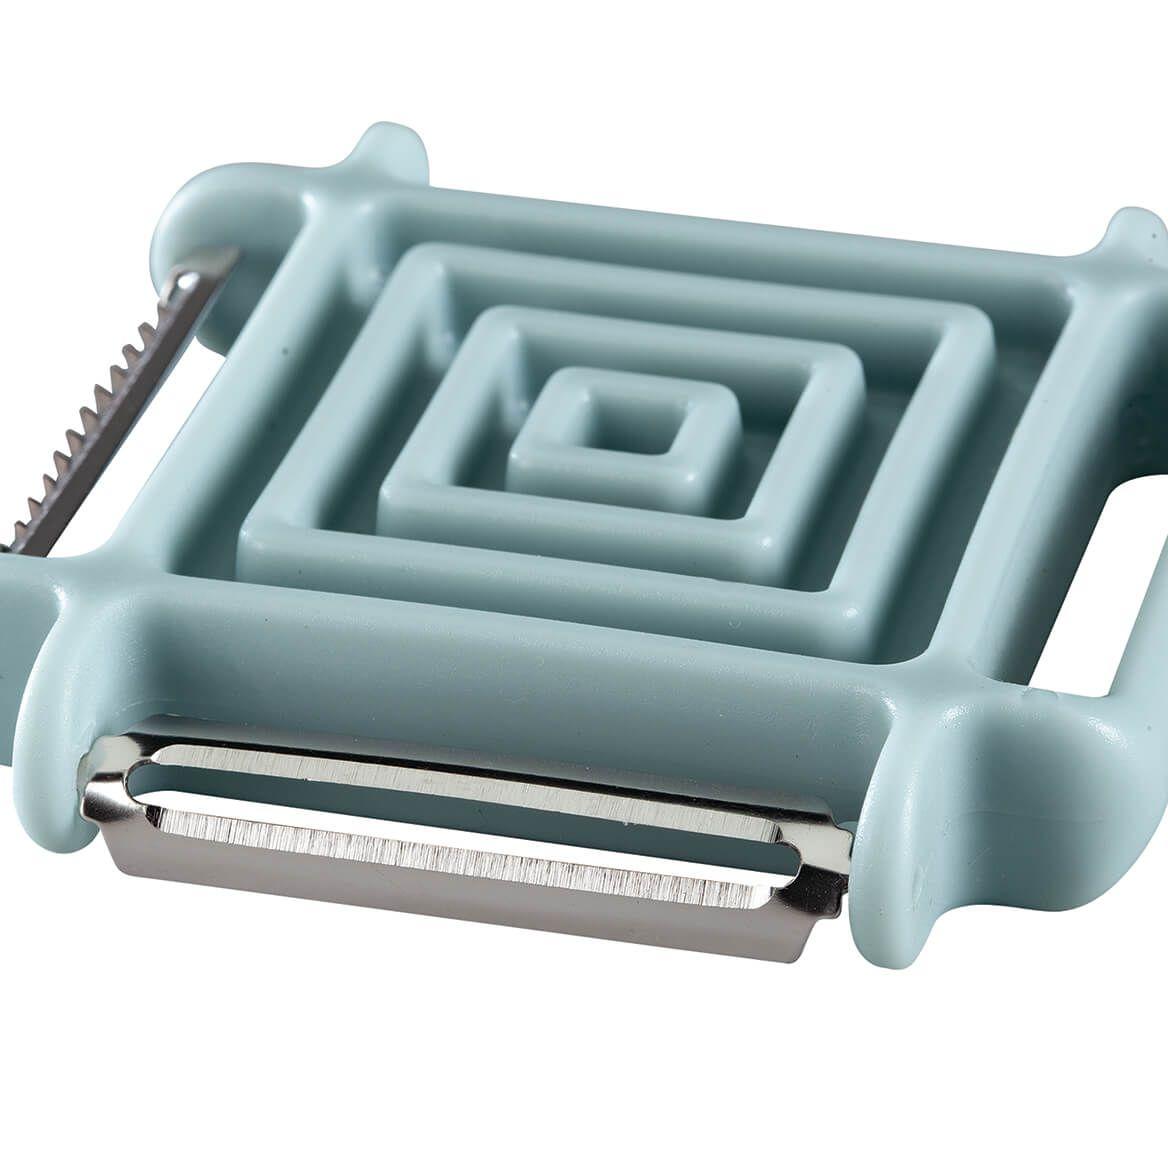 3-in-1 Multi-Function Peeler-372220